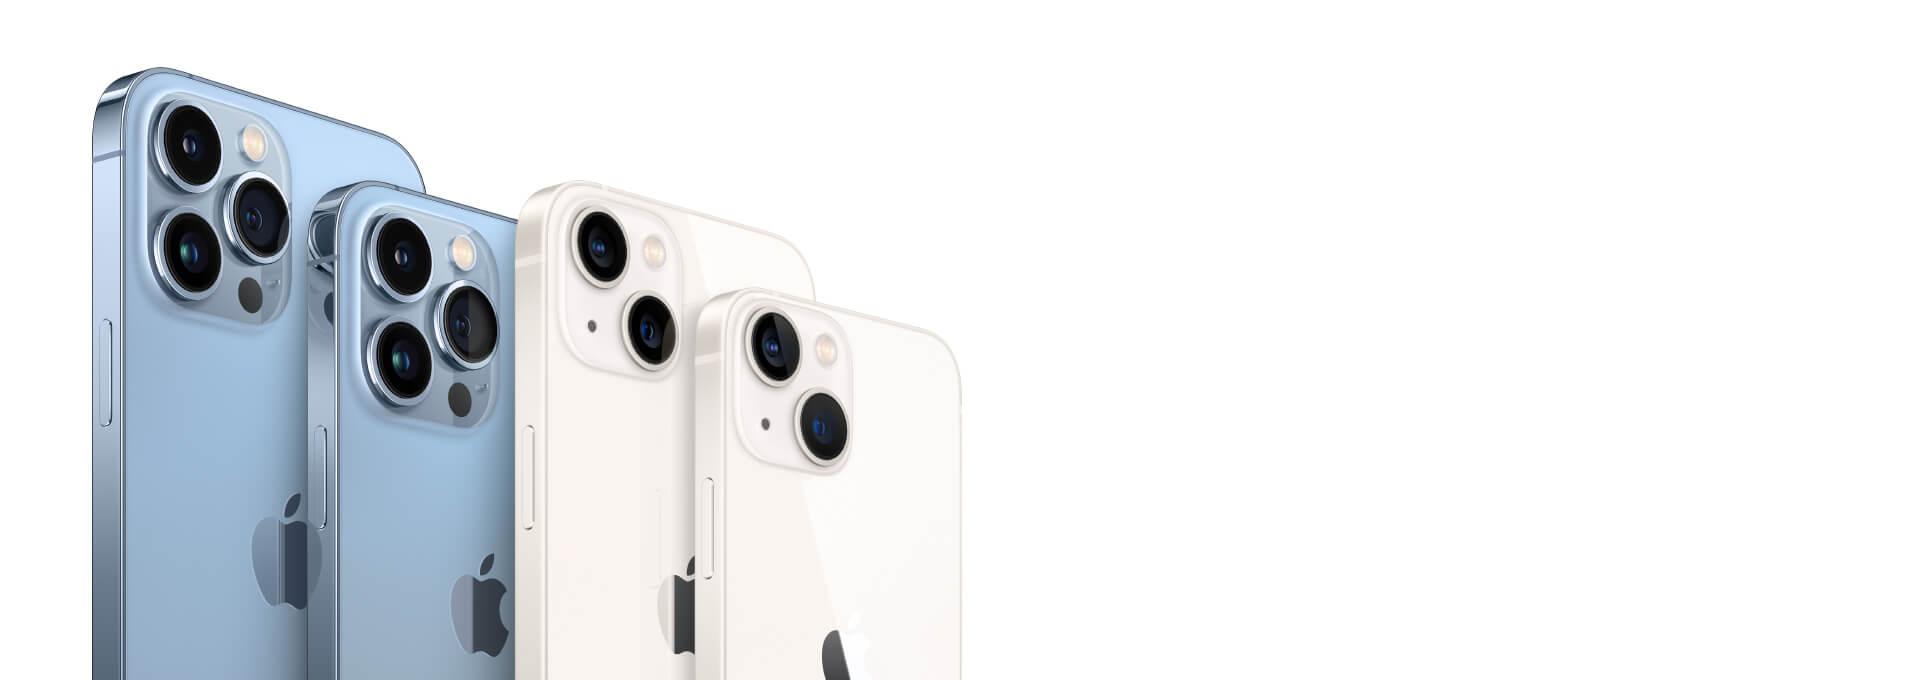 iPhone 13 Funktionen und Leistung einfach erklärt